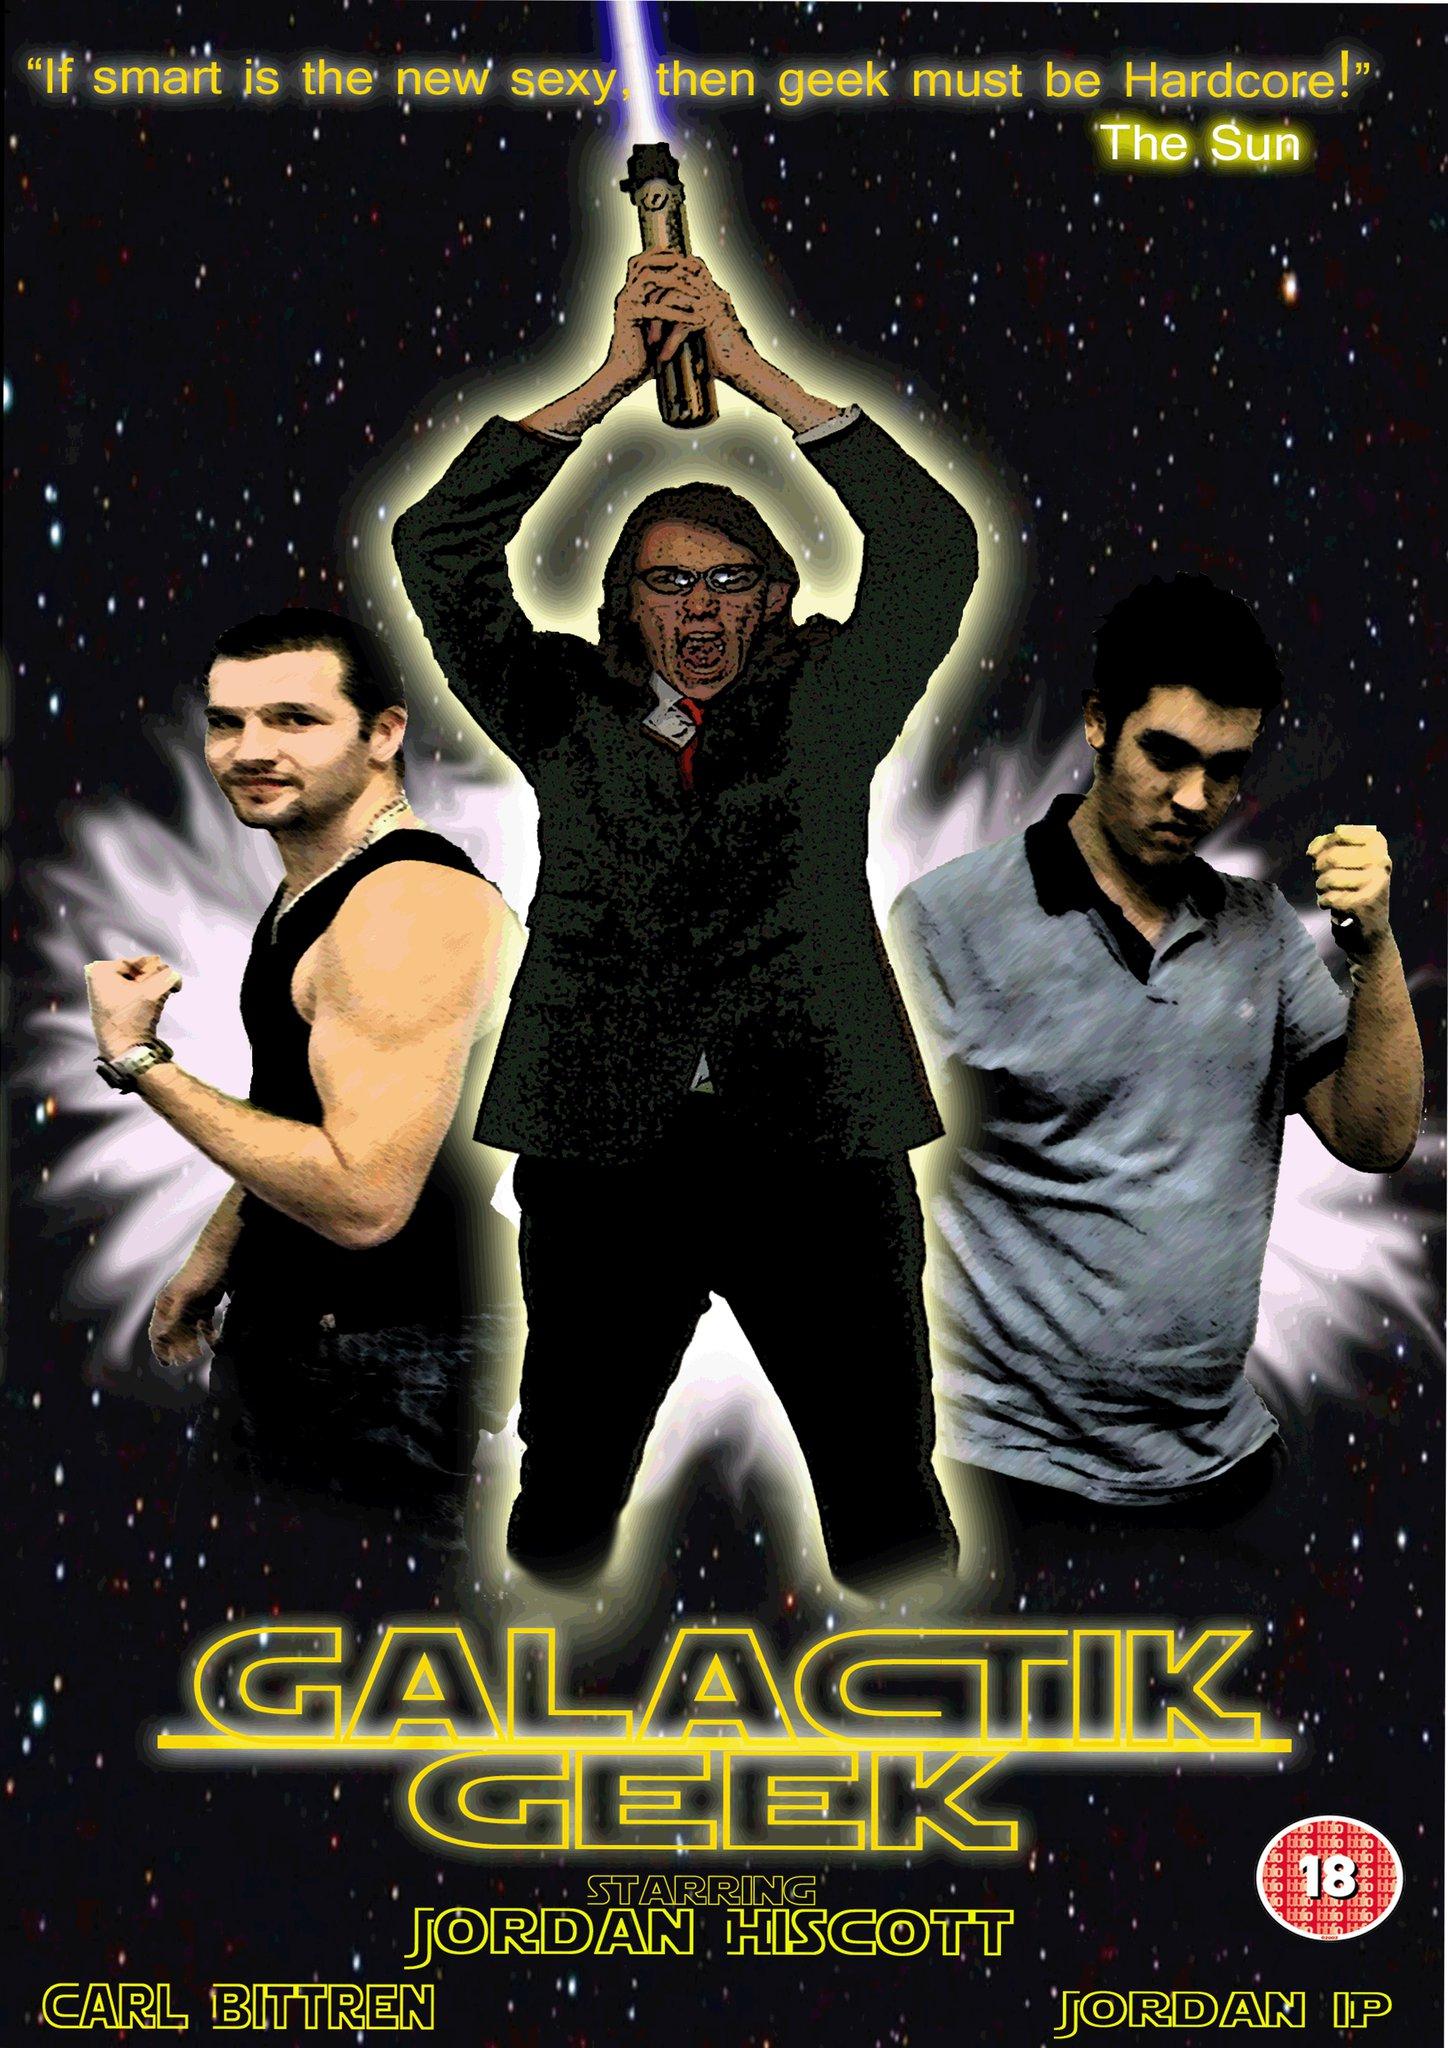 Galactik Geek - The Pilot Episode